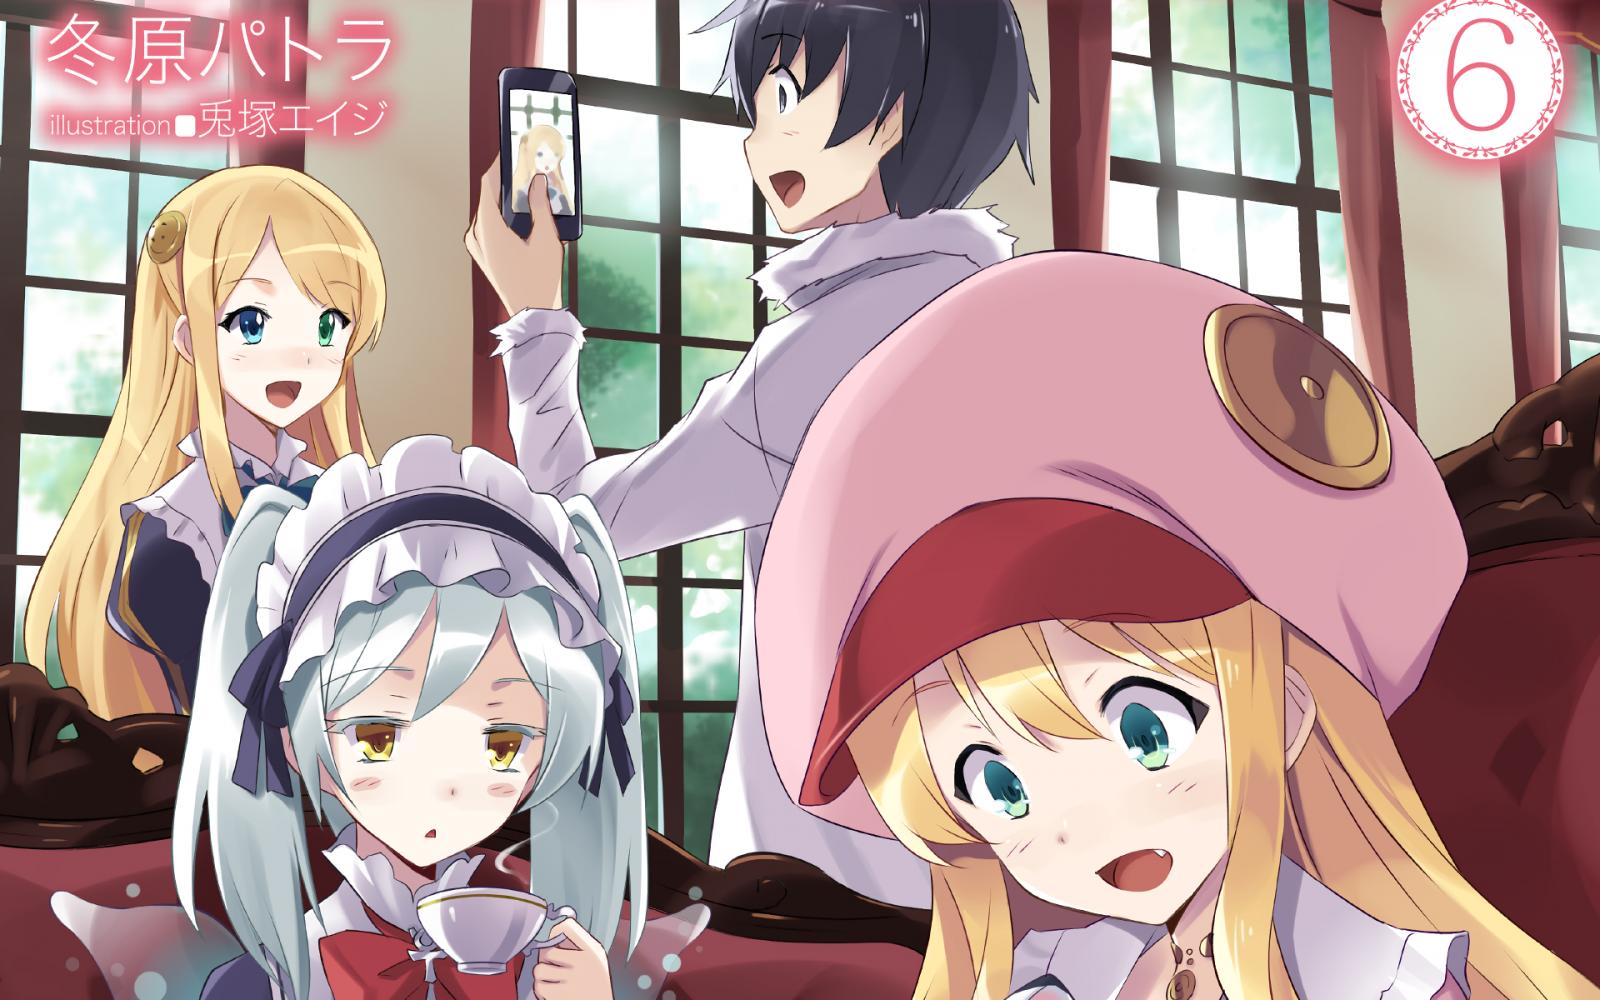 วอลเปเปอร์ : สาวอะนิเมะ, อะนิเมะชาย, Isekai wa Smartphone to Tomo ni, Mochizuki Touya, Yumina